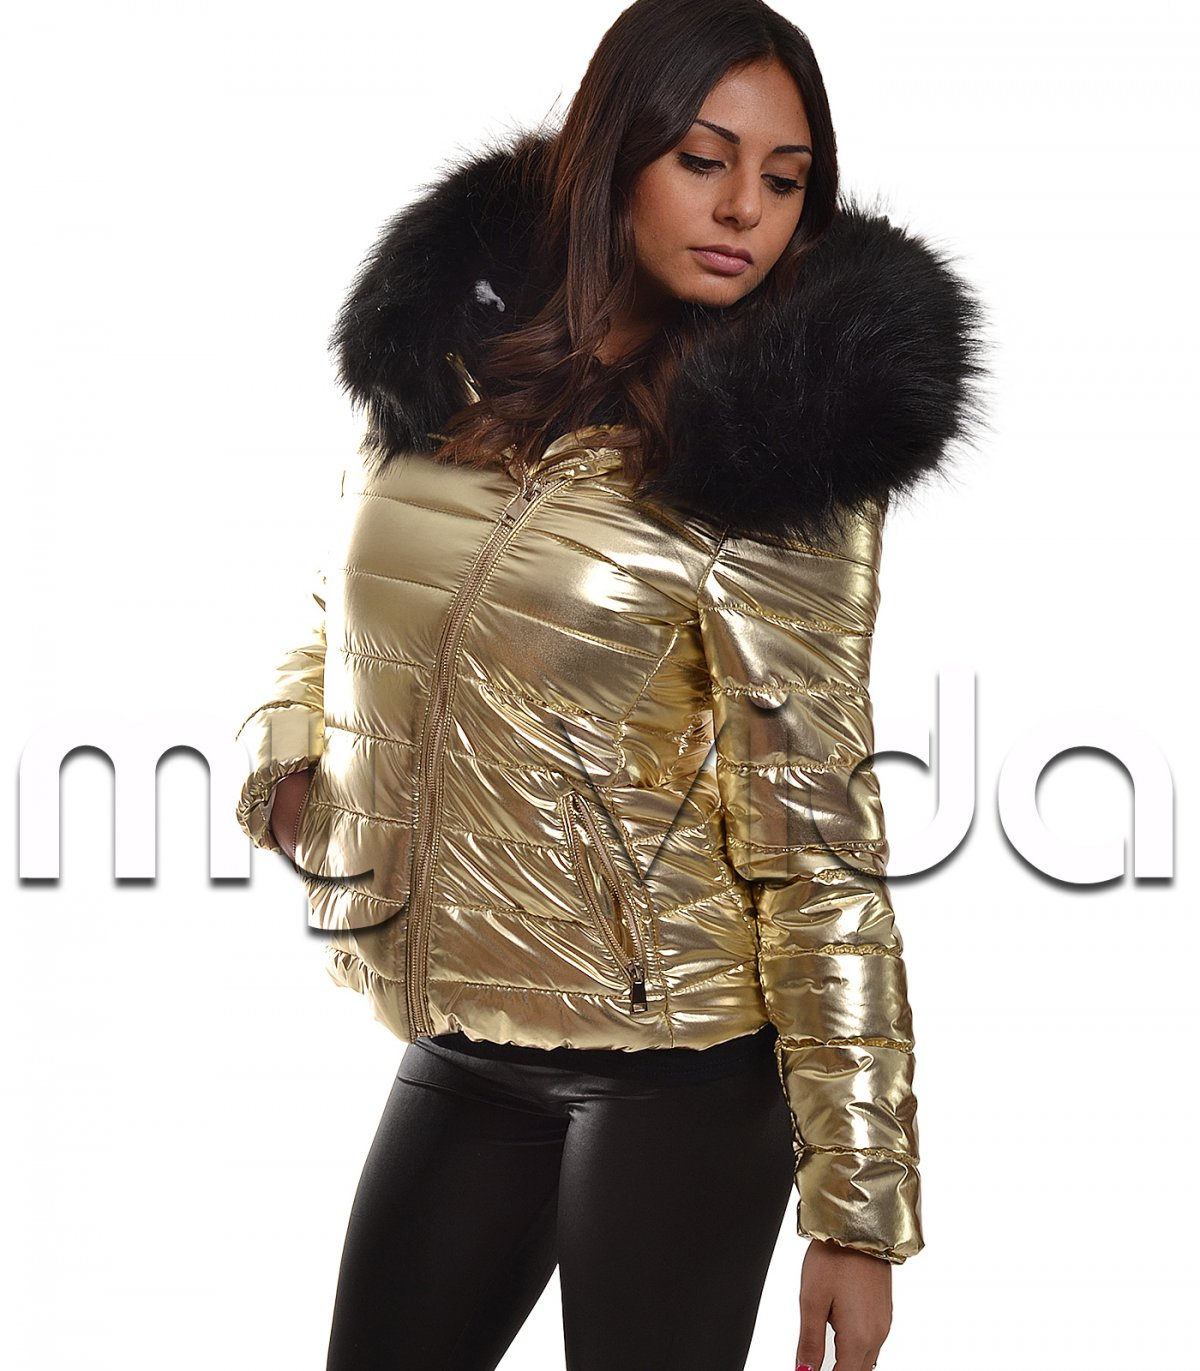 Giacchetto piumino donna cappuccio zip | My Vida